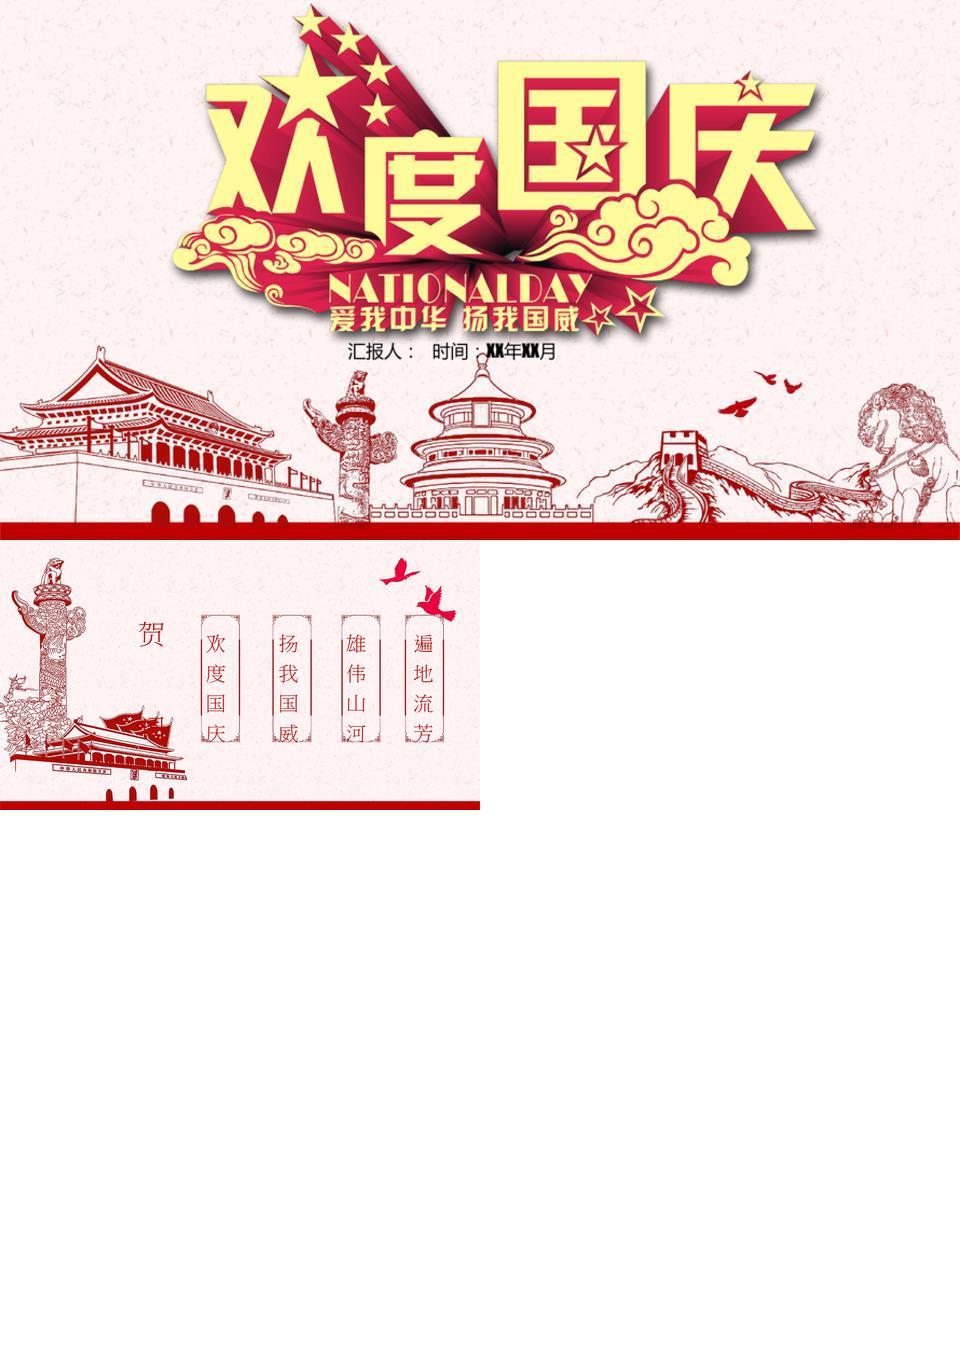 喜庆国庆节通用版ppt模板.pptx